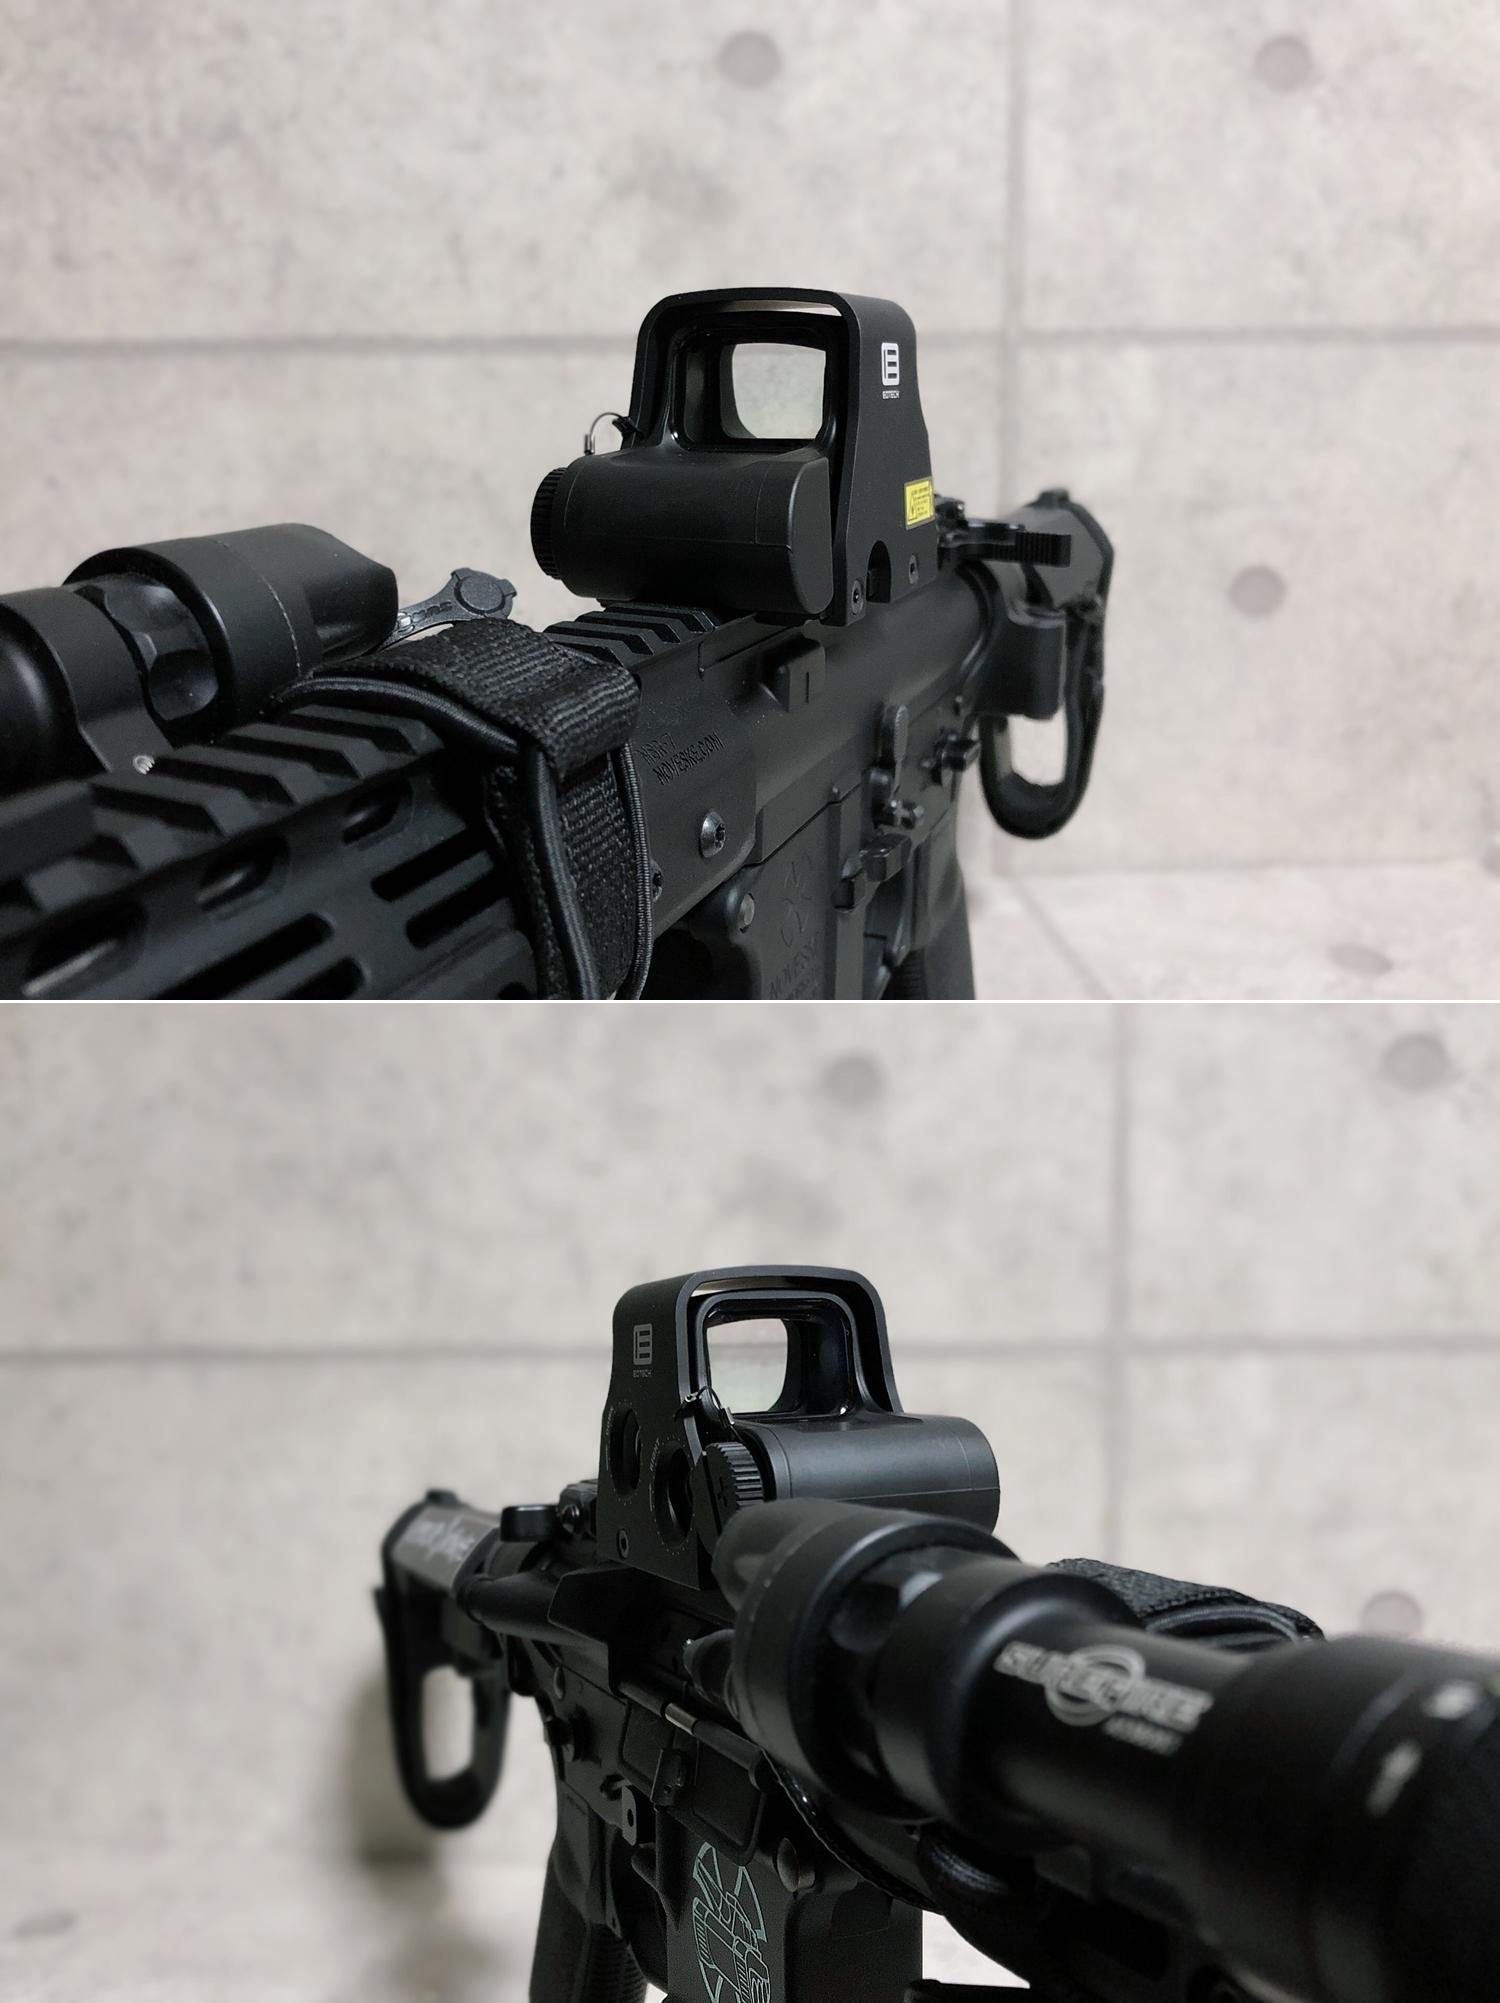 19 実物 EOTech XPS3-0 HOLOGRAPHIC SIGHT BLACK GET!! 次世代 M4 CQB-R カスタム 続編!! イオテック ホロサイト 購入 取付 レビュー!!